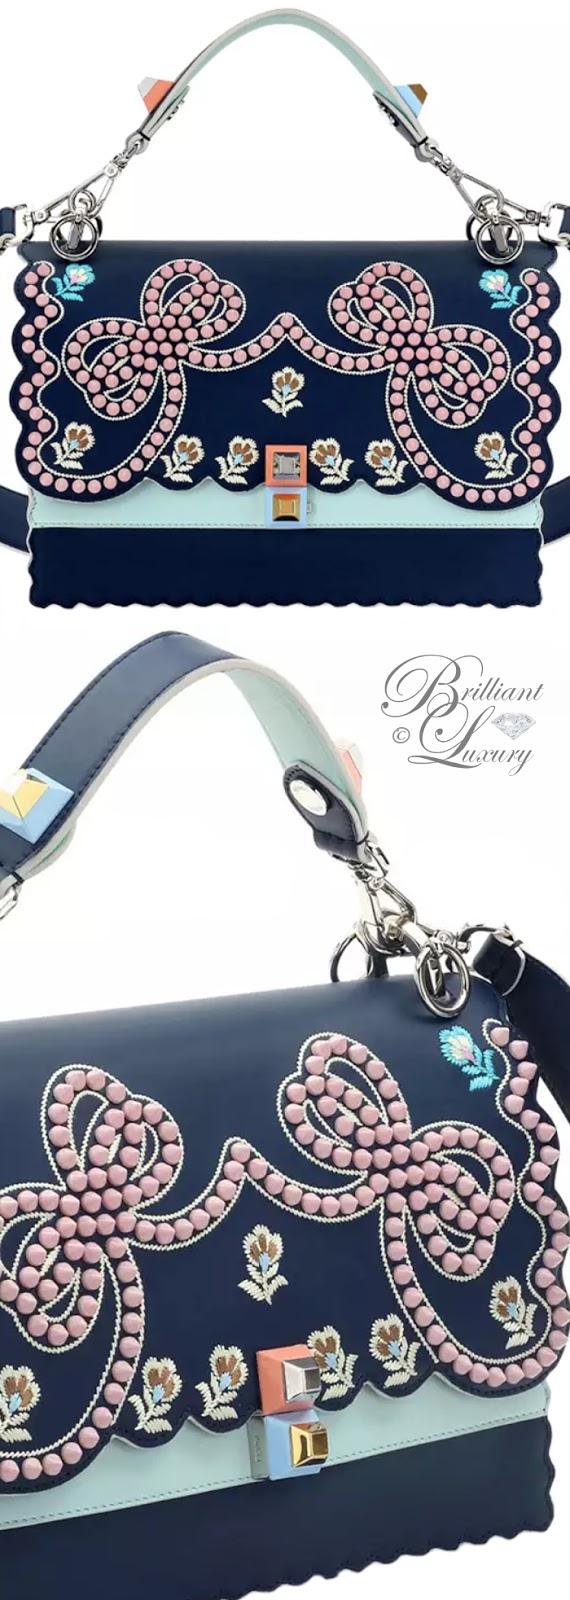 Brilliant Luxury  ♦Fendi Kan I Studded Bows Top-Handle Shoulder Bag #blue